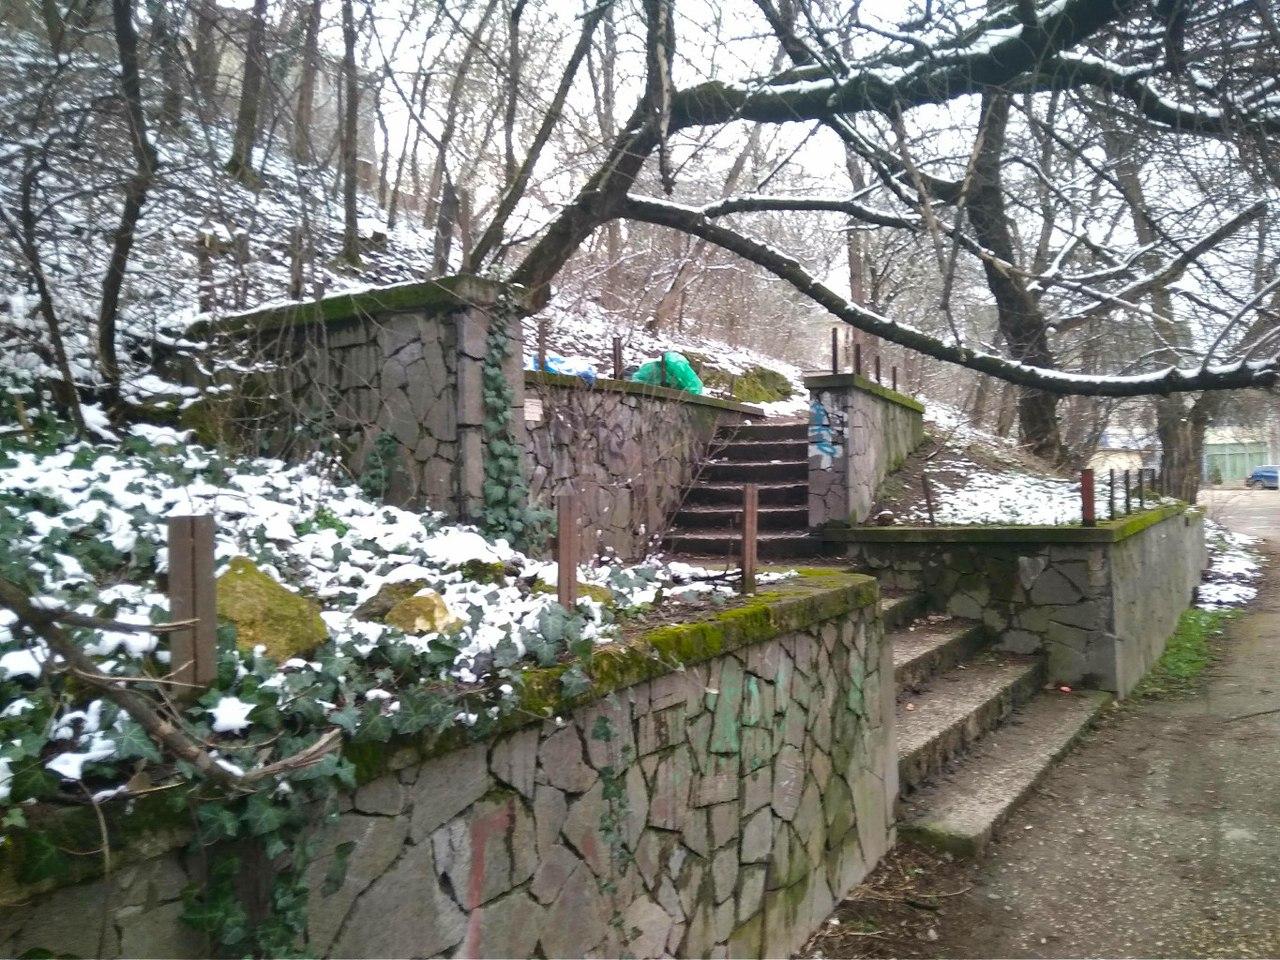 Руины благоустройства над улицей Воровского показывают, что склон устойчив к оползням. Но не устойчив к вандализму и низкой культуре